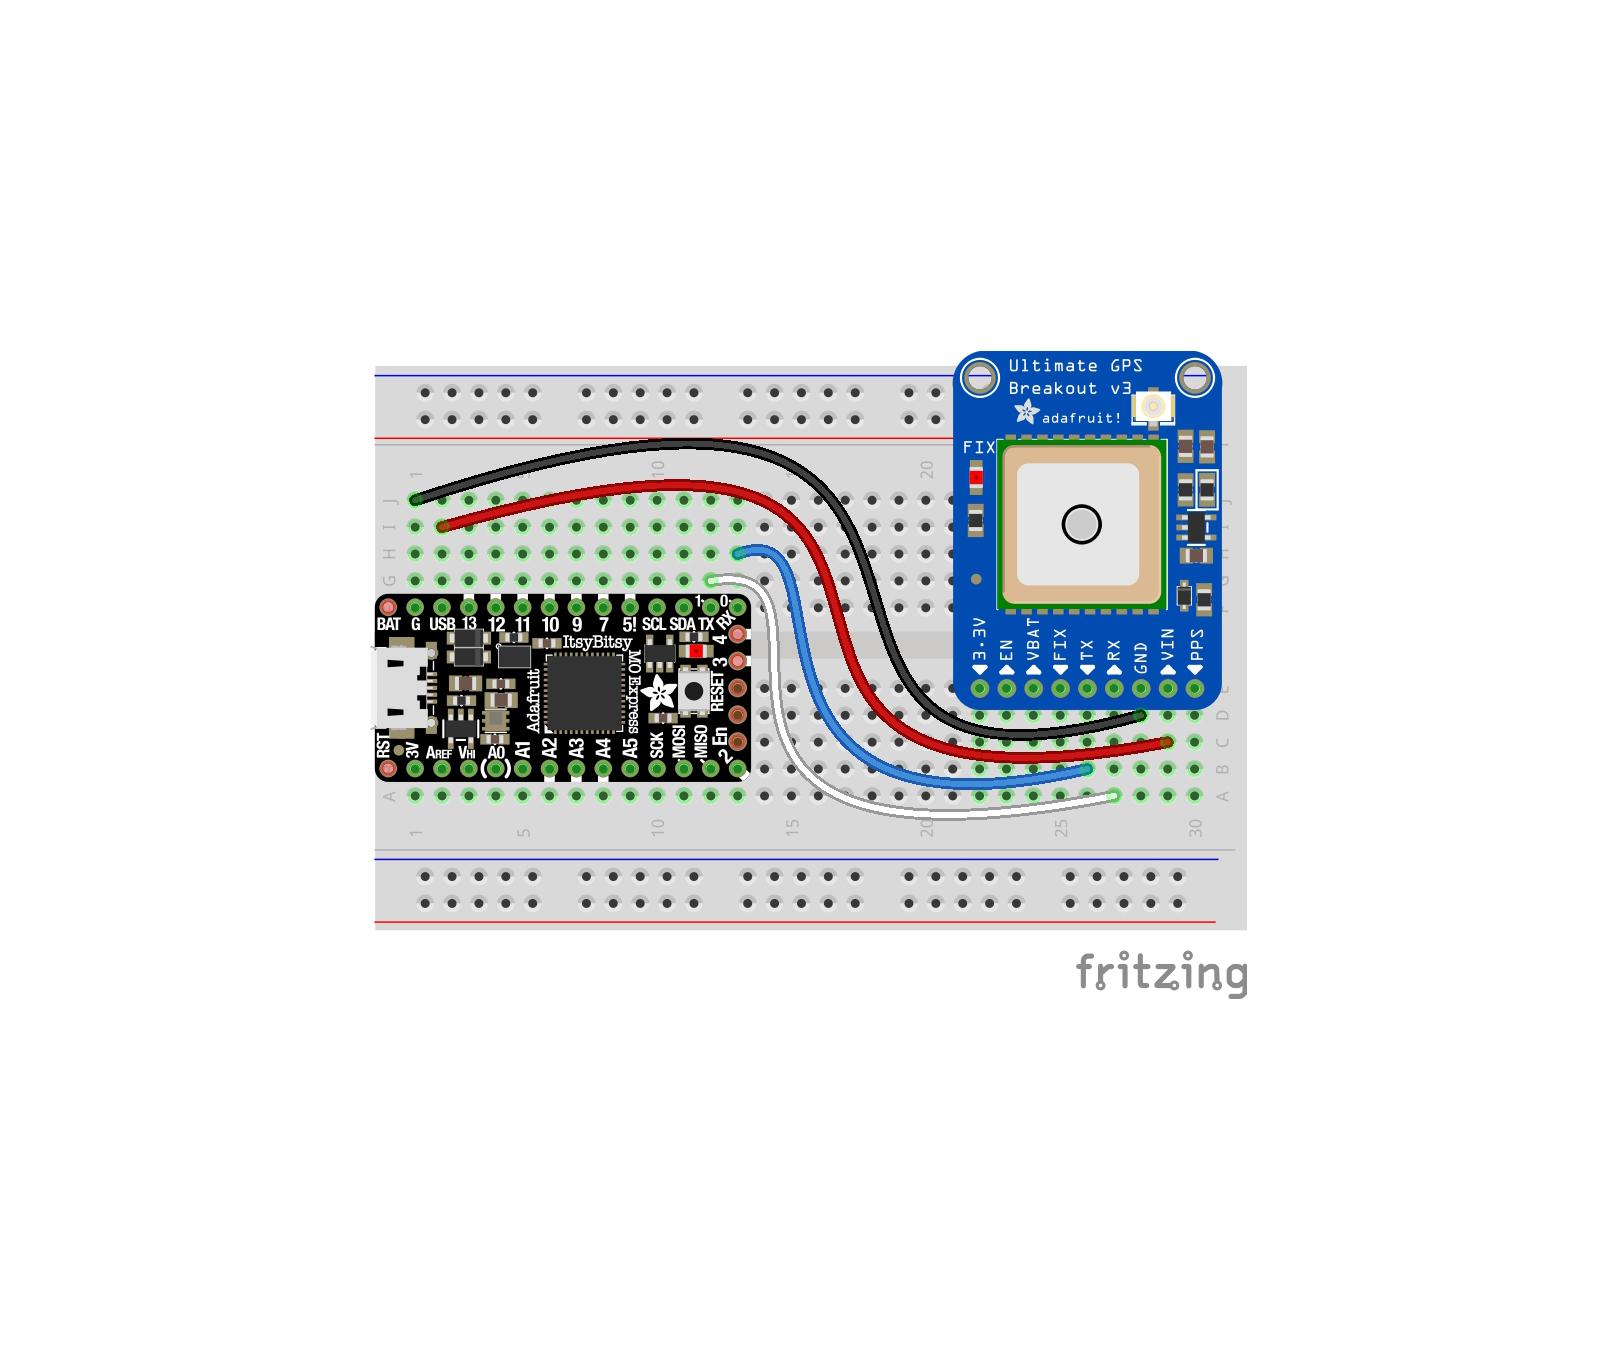 circuitpython_ItsyBitsyM0ExpressUARTGPS_bb.jpg